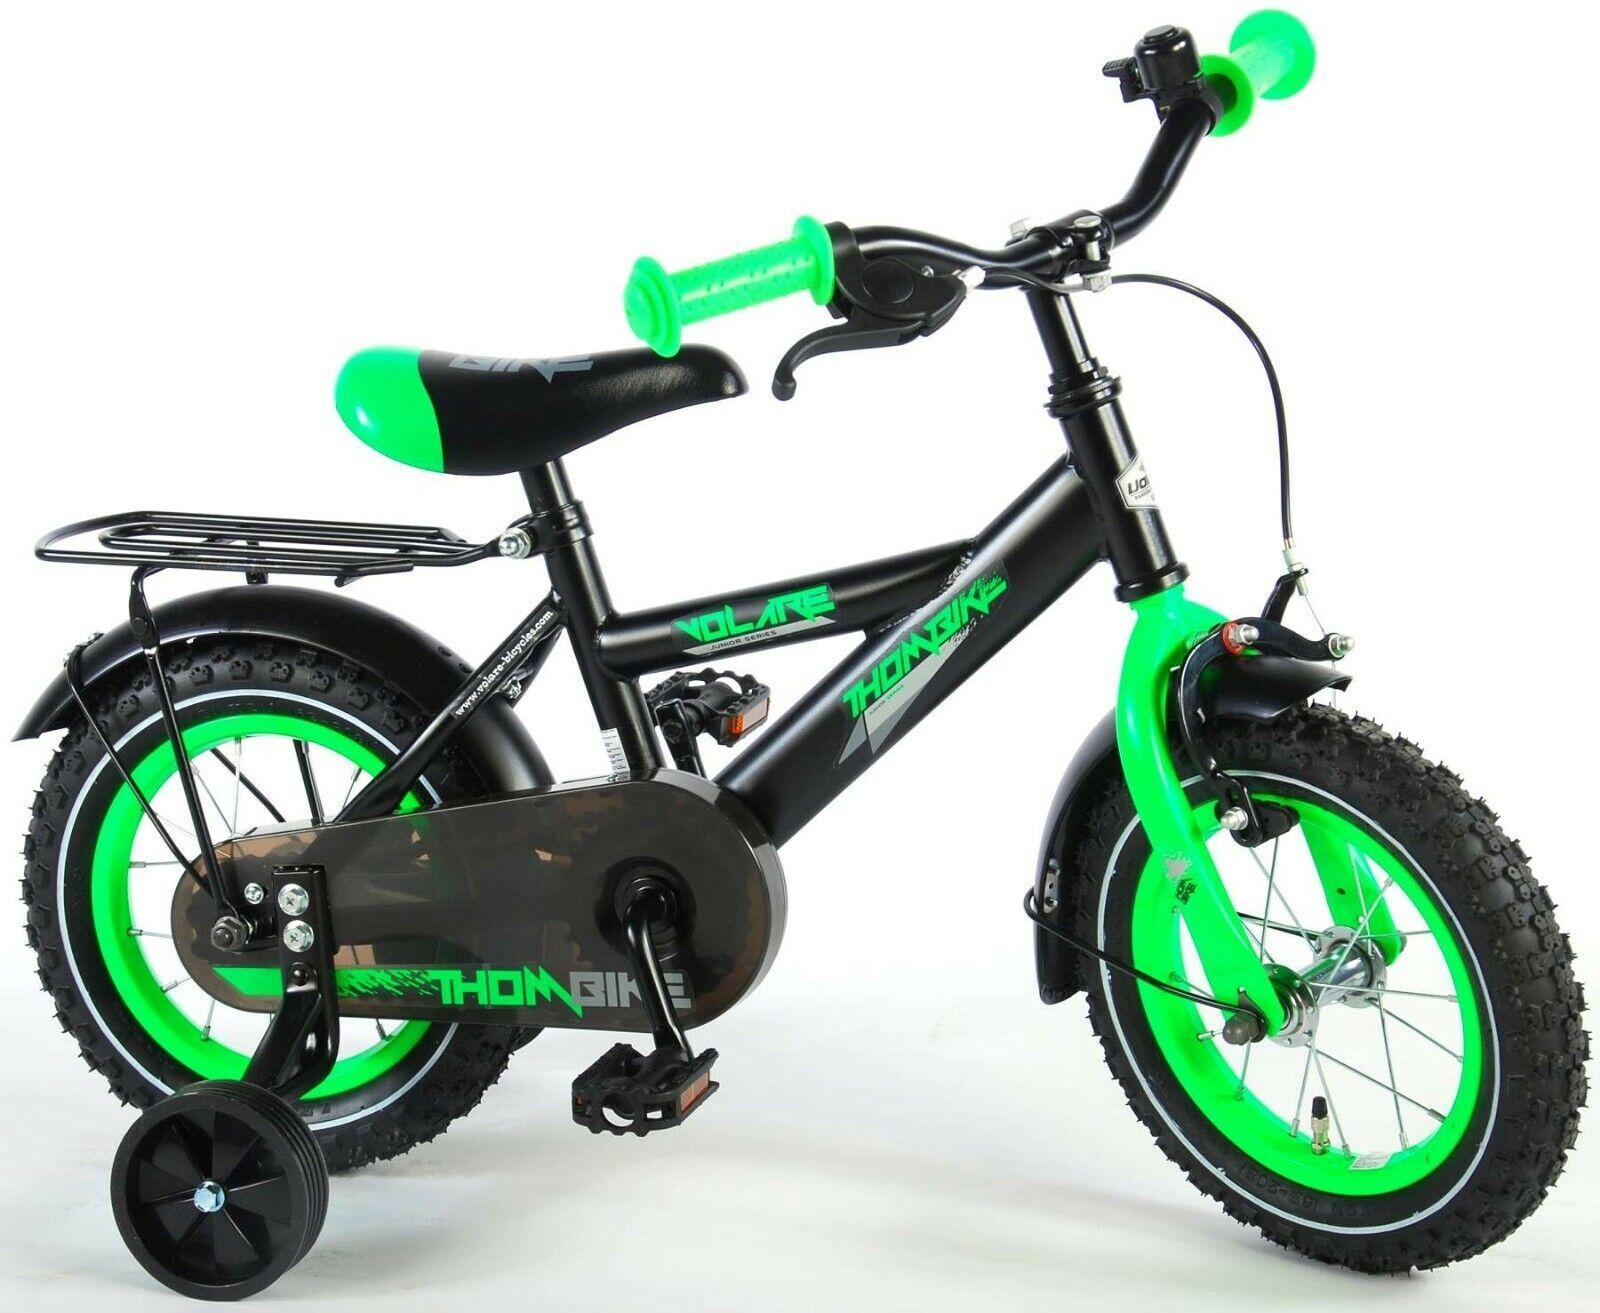 12 Zoll Fahrrad  Kinderfahrrad  Kinder Jungen  Grün  Schwarz Bike Cruiser